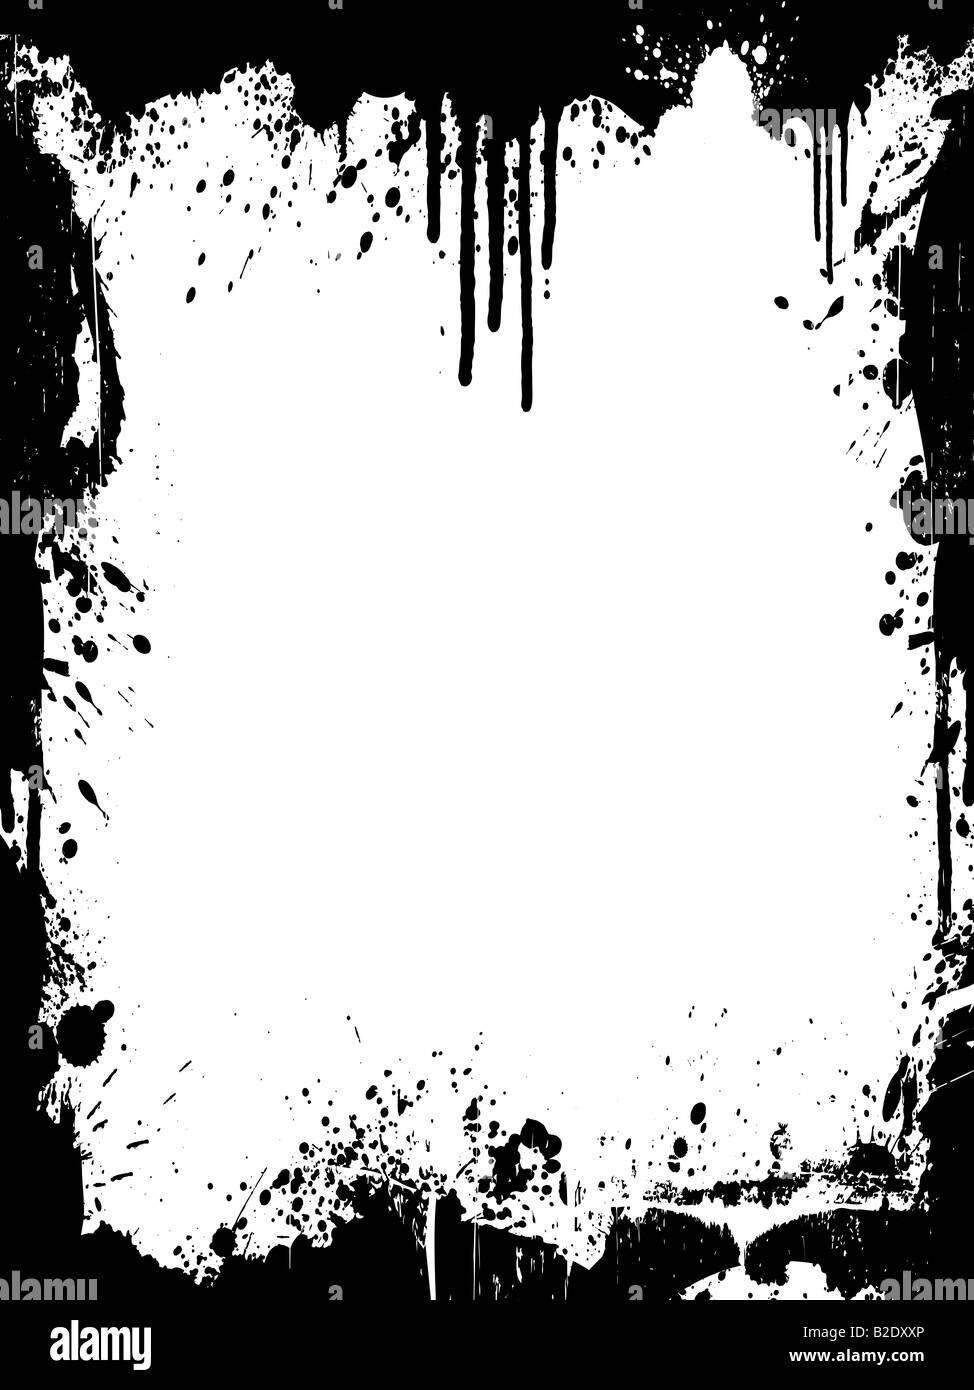 Vektor-Illustration einer Grunge-Tinte splatter Hintergrund Rahmen ...